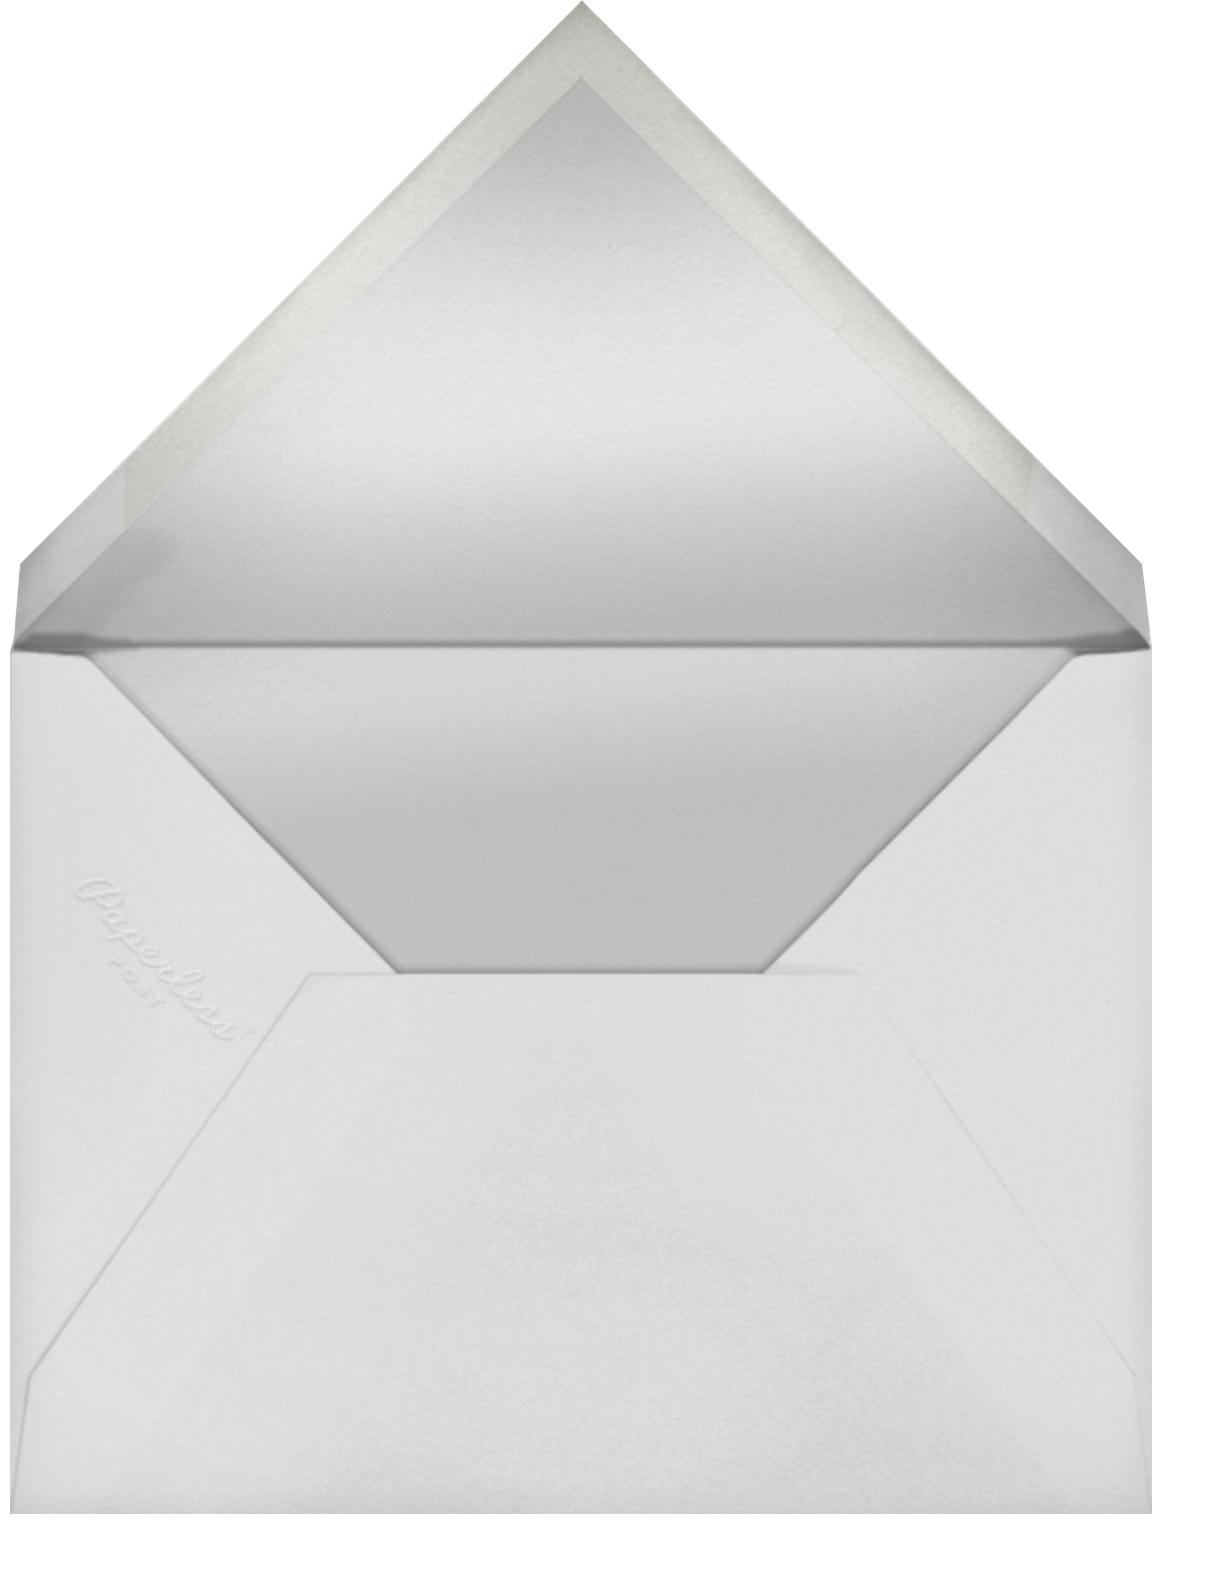 Leiden (Program) - Black - Paperless Post - Menus and programs - envelope back